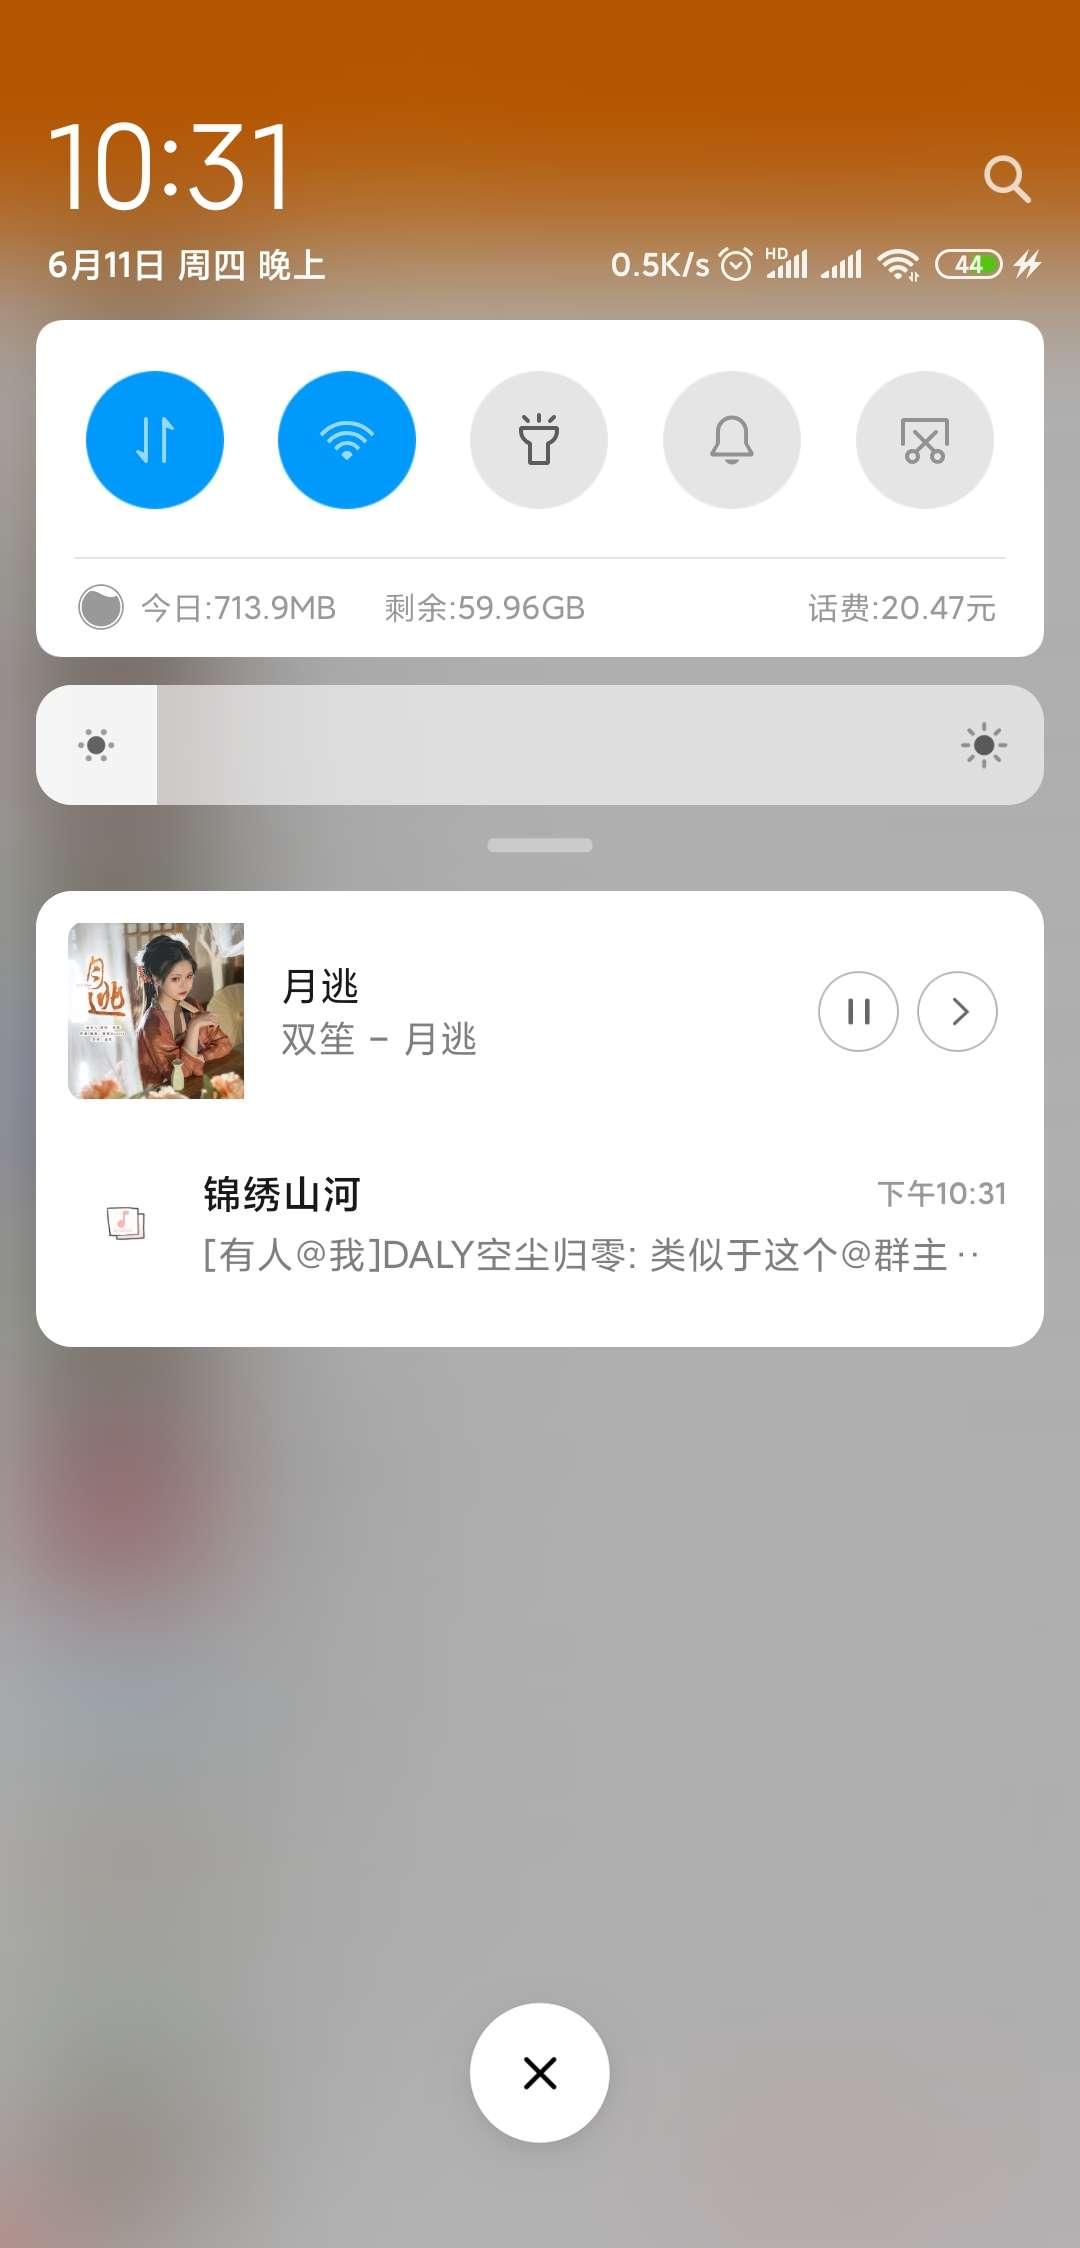 【原创软件】灵悦1.55 可下载无损音乐-爱小助